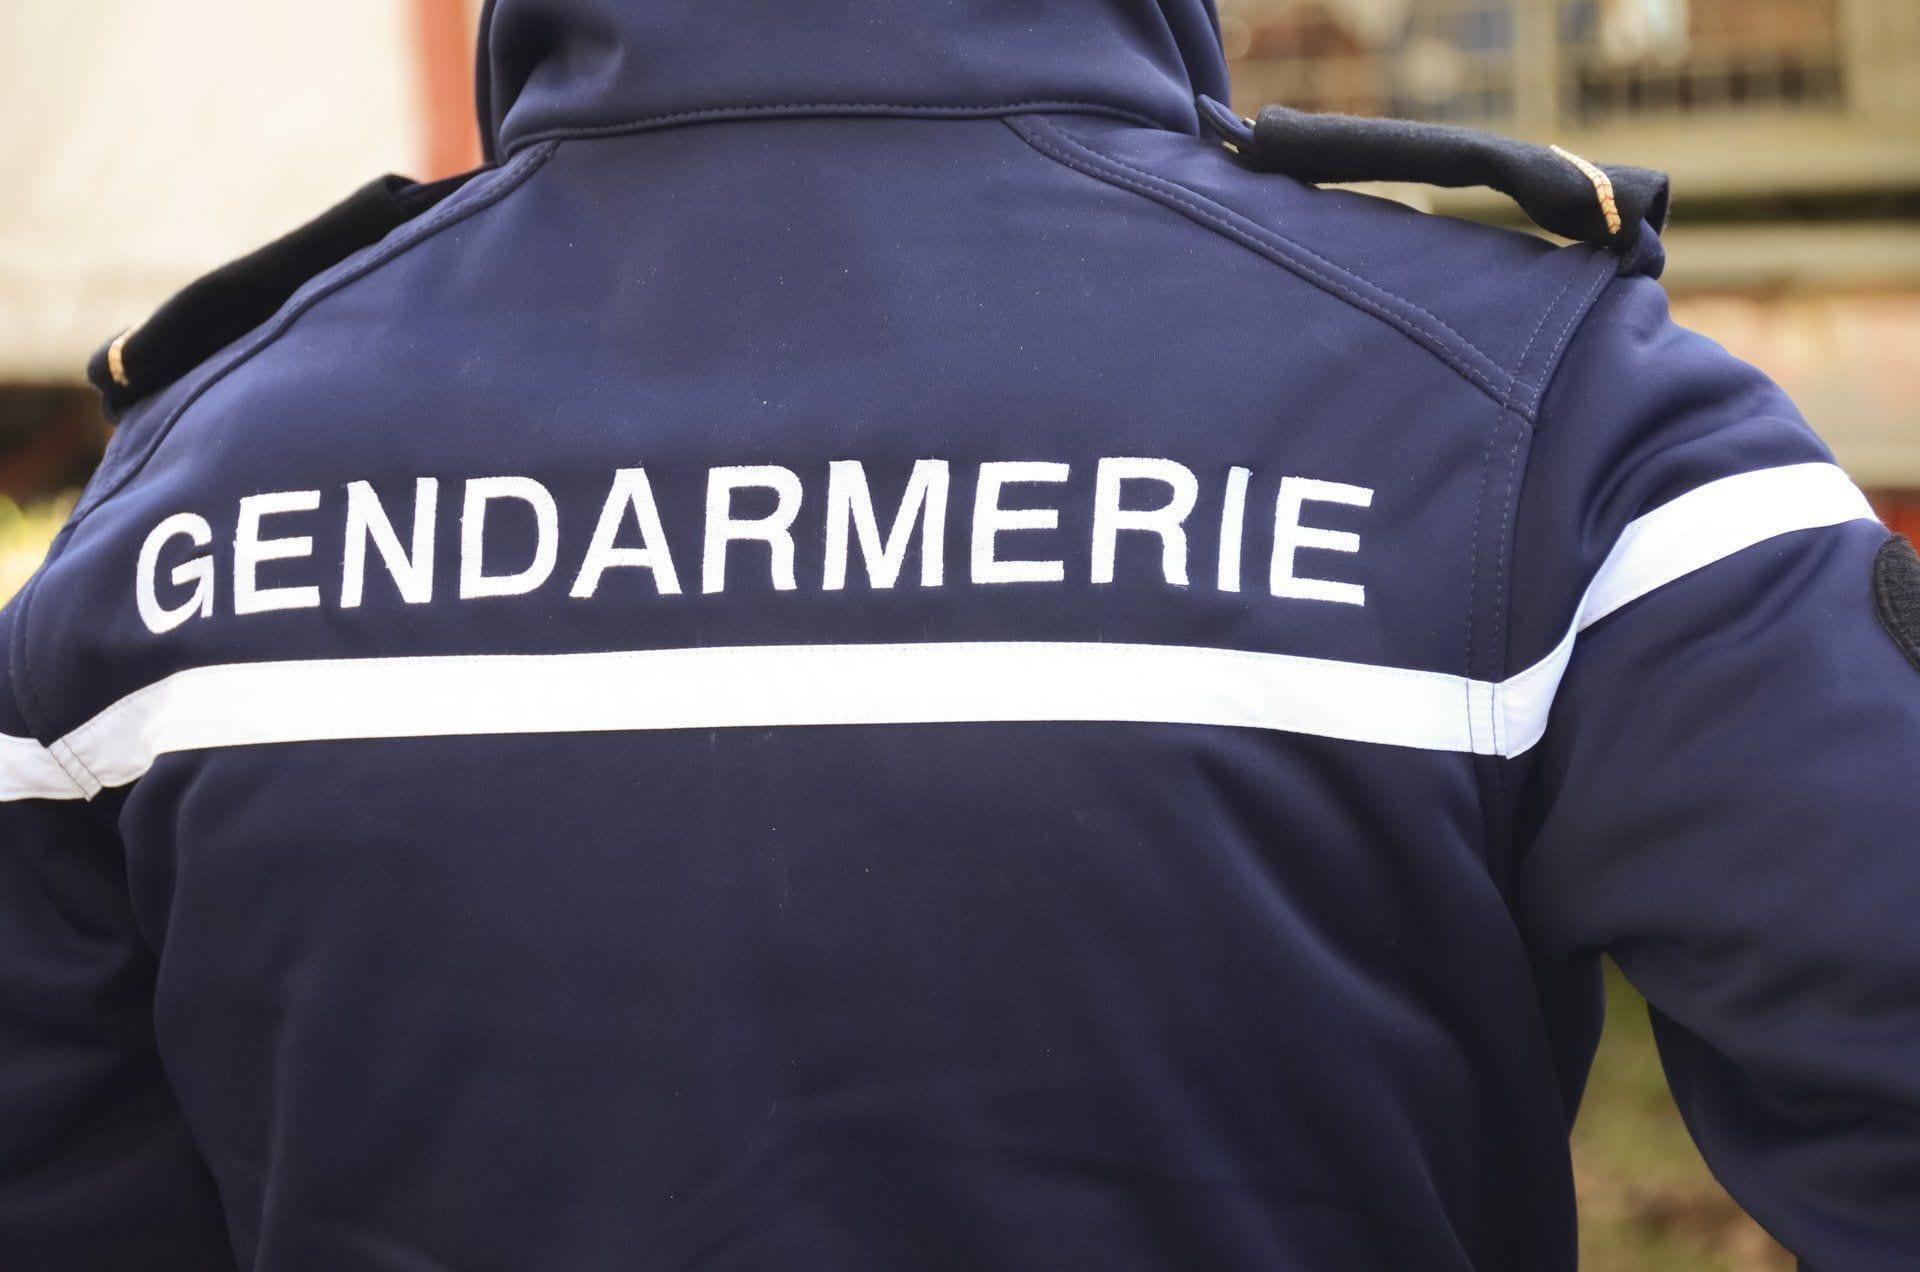 Emploi : la gendarmerie recrute